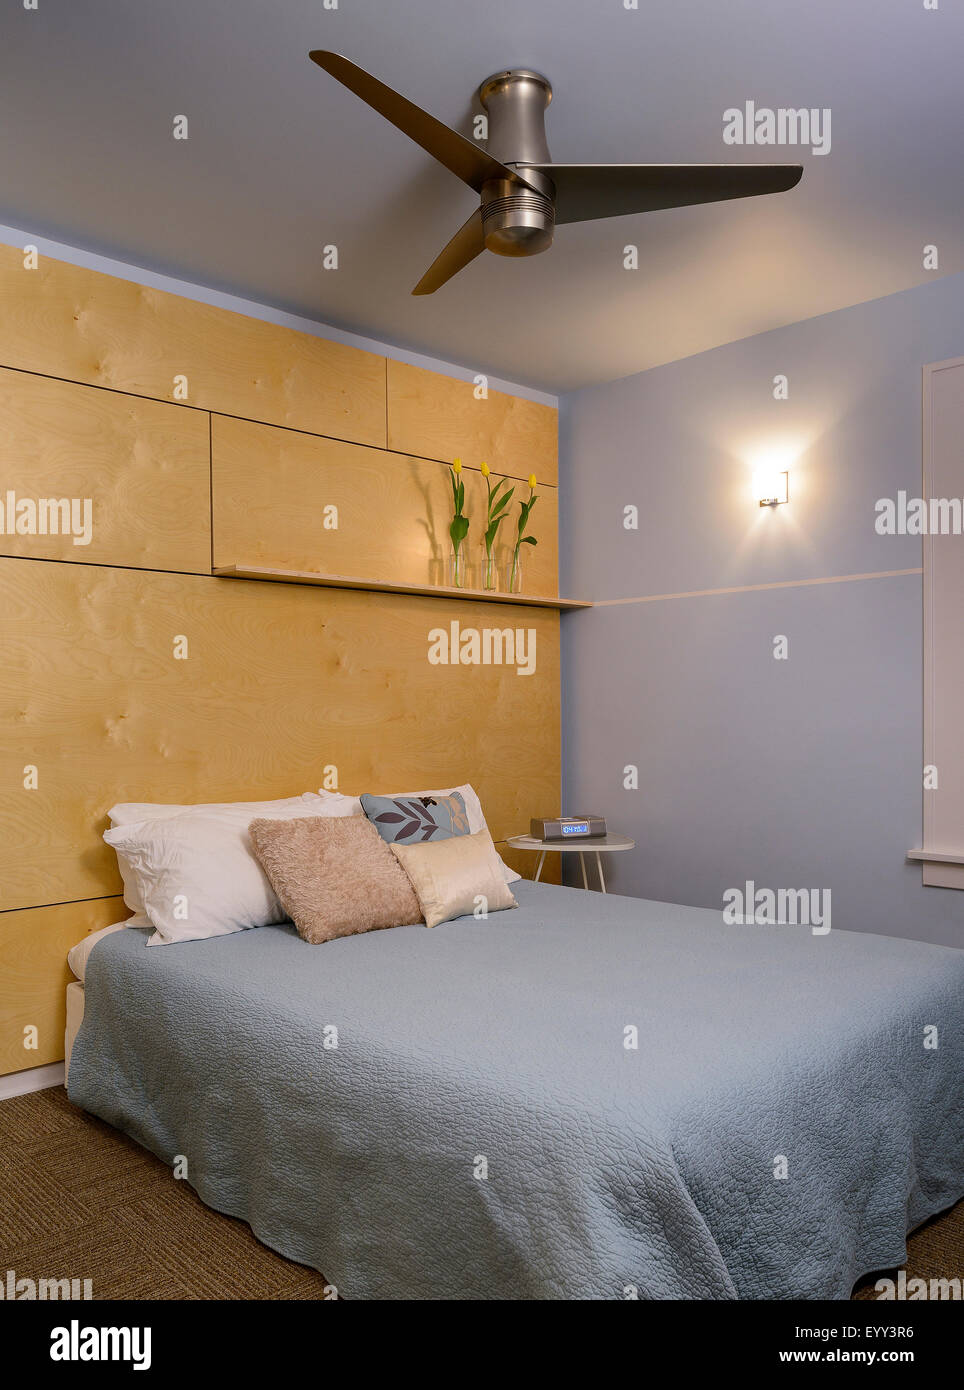 Ventilator Bett Stockfotos und -bilder Kaufen - Alamy